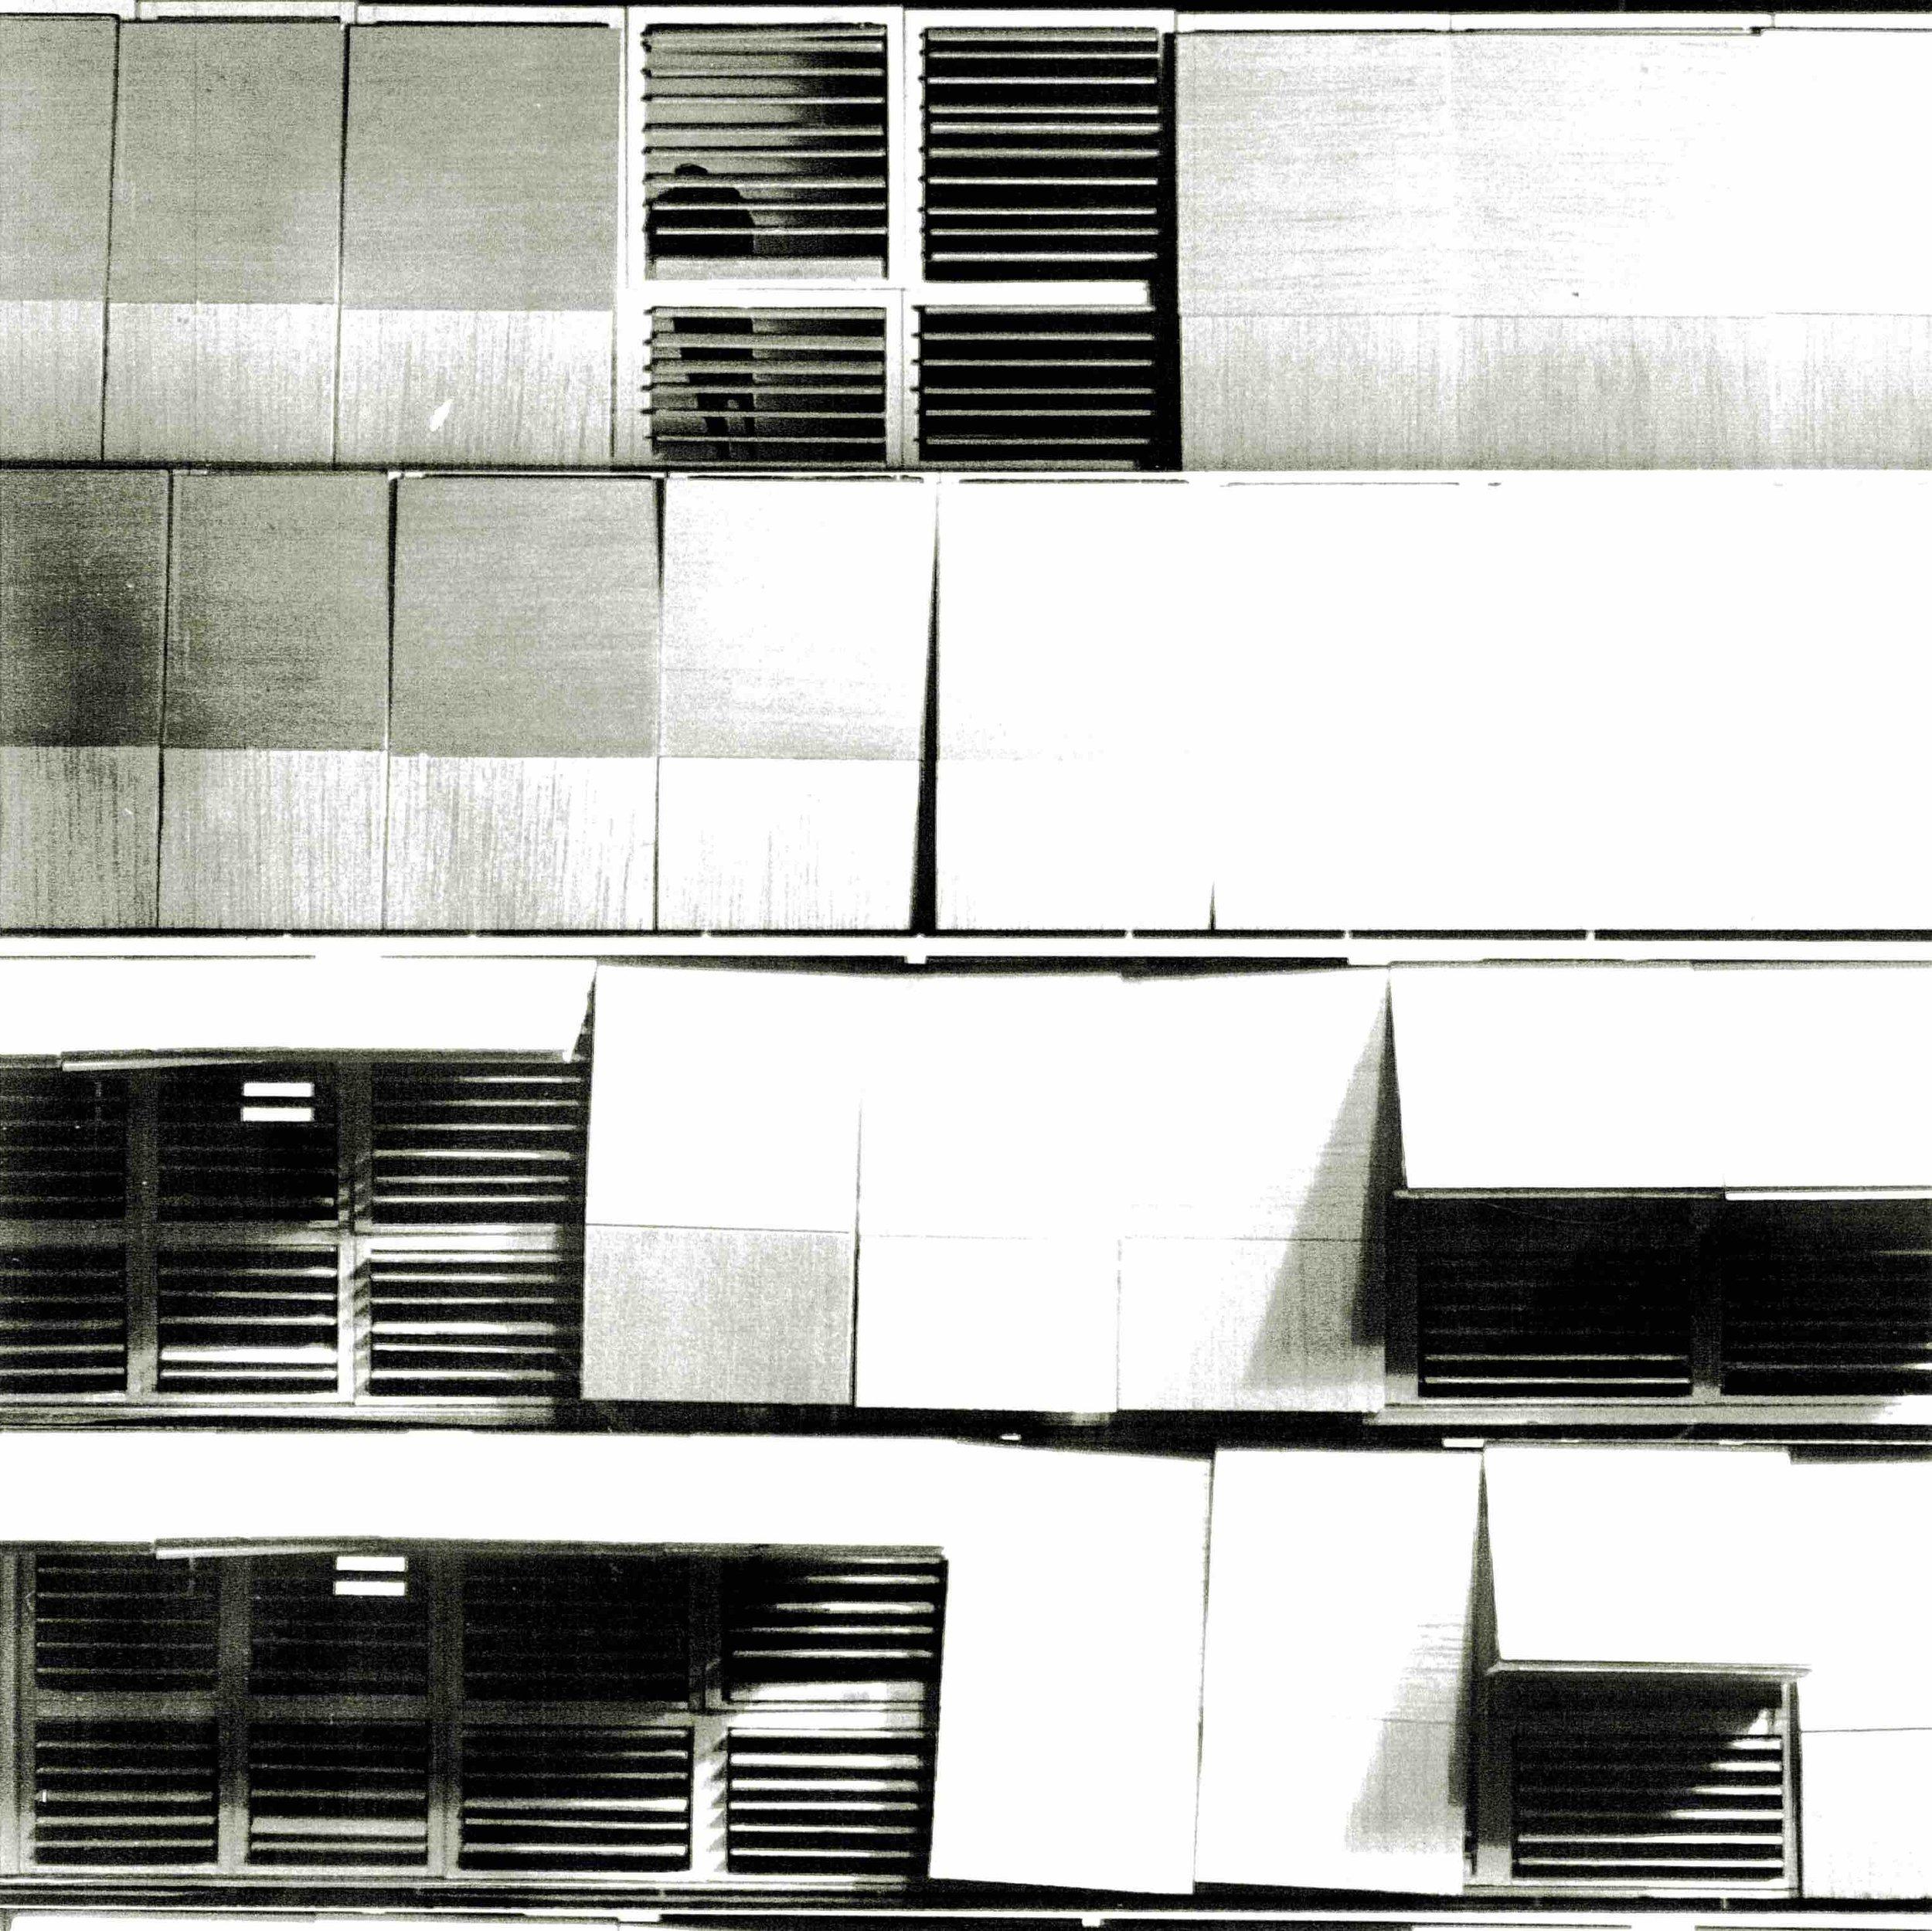 🅒 120 social dwellings (EUROPAN IV), calle Rafael de León, Sevilla (Spain) 1996